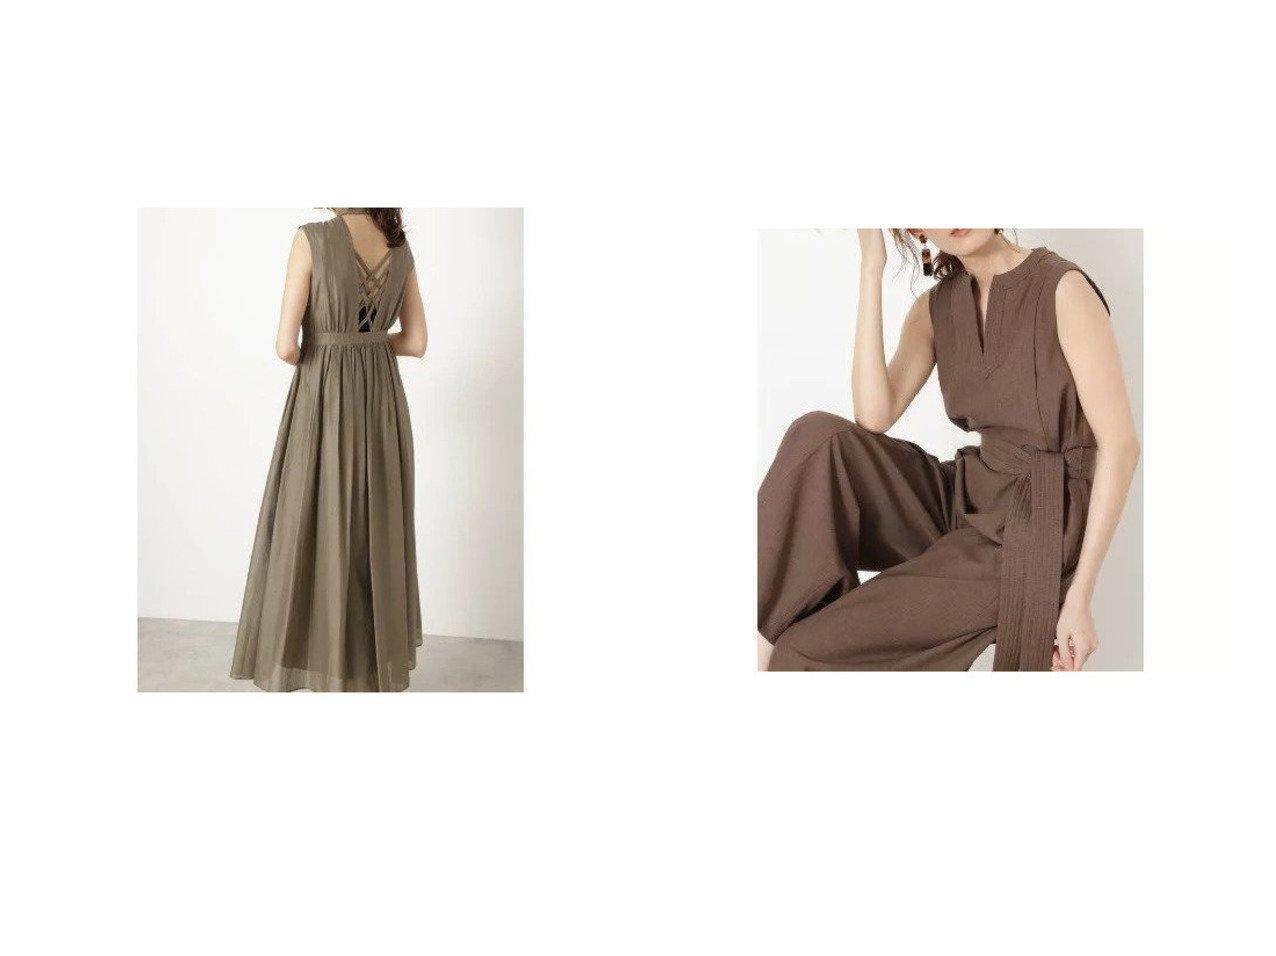 【JILL STUART/ジルスチュアート】の《Exclusive Line》オープンバッククロスワンピース&《Exclusive Line》カフタンオールインワン 【ワンピース・ドレス】おすすめ!人気、トレンド・レディースファッションの通販 おすすめで人気の流行・トレンド、ファッションの通販商品 インテリア・家具・メンズファッション・キッズファッション・レディースファッション・服の通販 founy(ファニー) https://founy.com/ ファッション Fashion レディースファッション WOMEN トップス・カットソー Tops/Tshirt シャツ/ブラウス Shirts/Blouses ワンピース Dress オールインワン ワンピース All In One Dress アクセサリー サンダル スタンダード スニーカー リボン リラックス カーディガン ギャザー ノースリーブ バランス フロント  ID:crp329100000045243